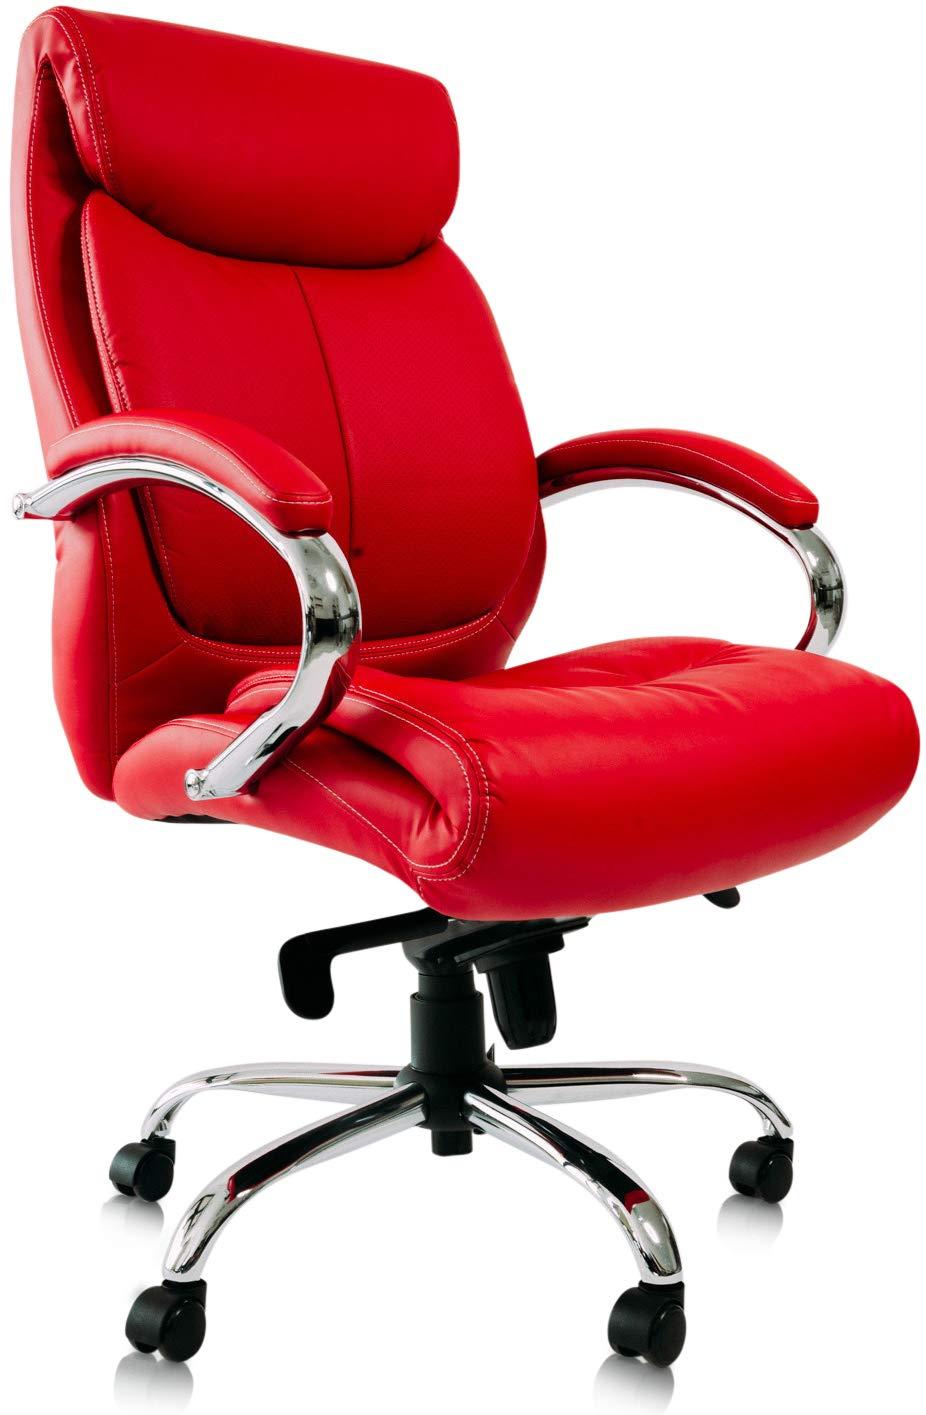 B/ürostuhl Schreibtischstuhl Drehstuhl Sessel Stuhl Beige Chrome Kunstleder Kijng Chefsessel Kings